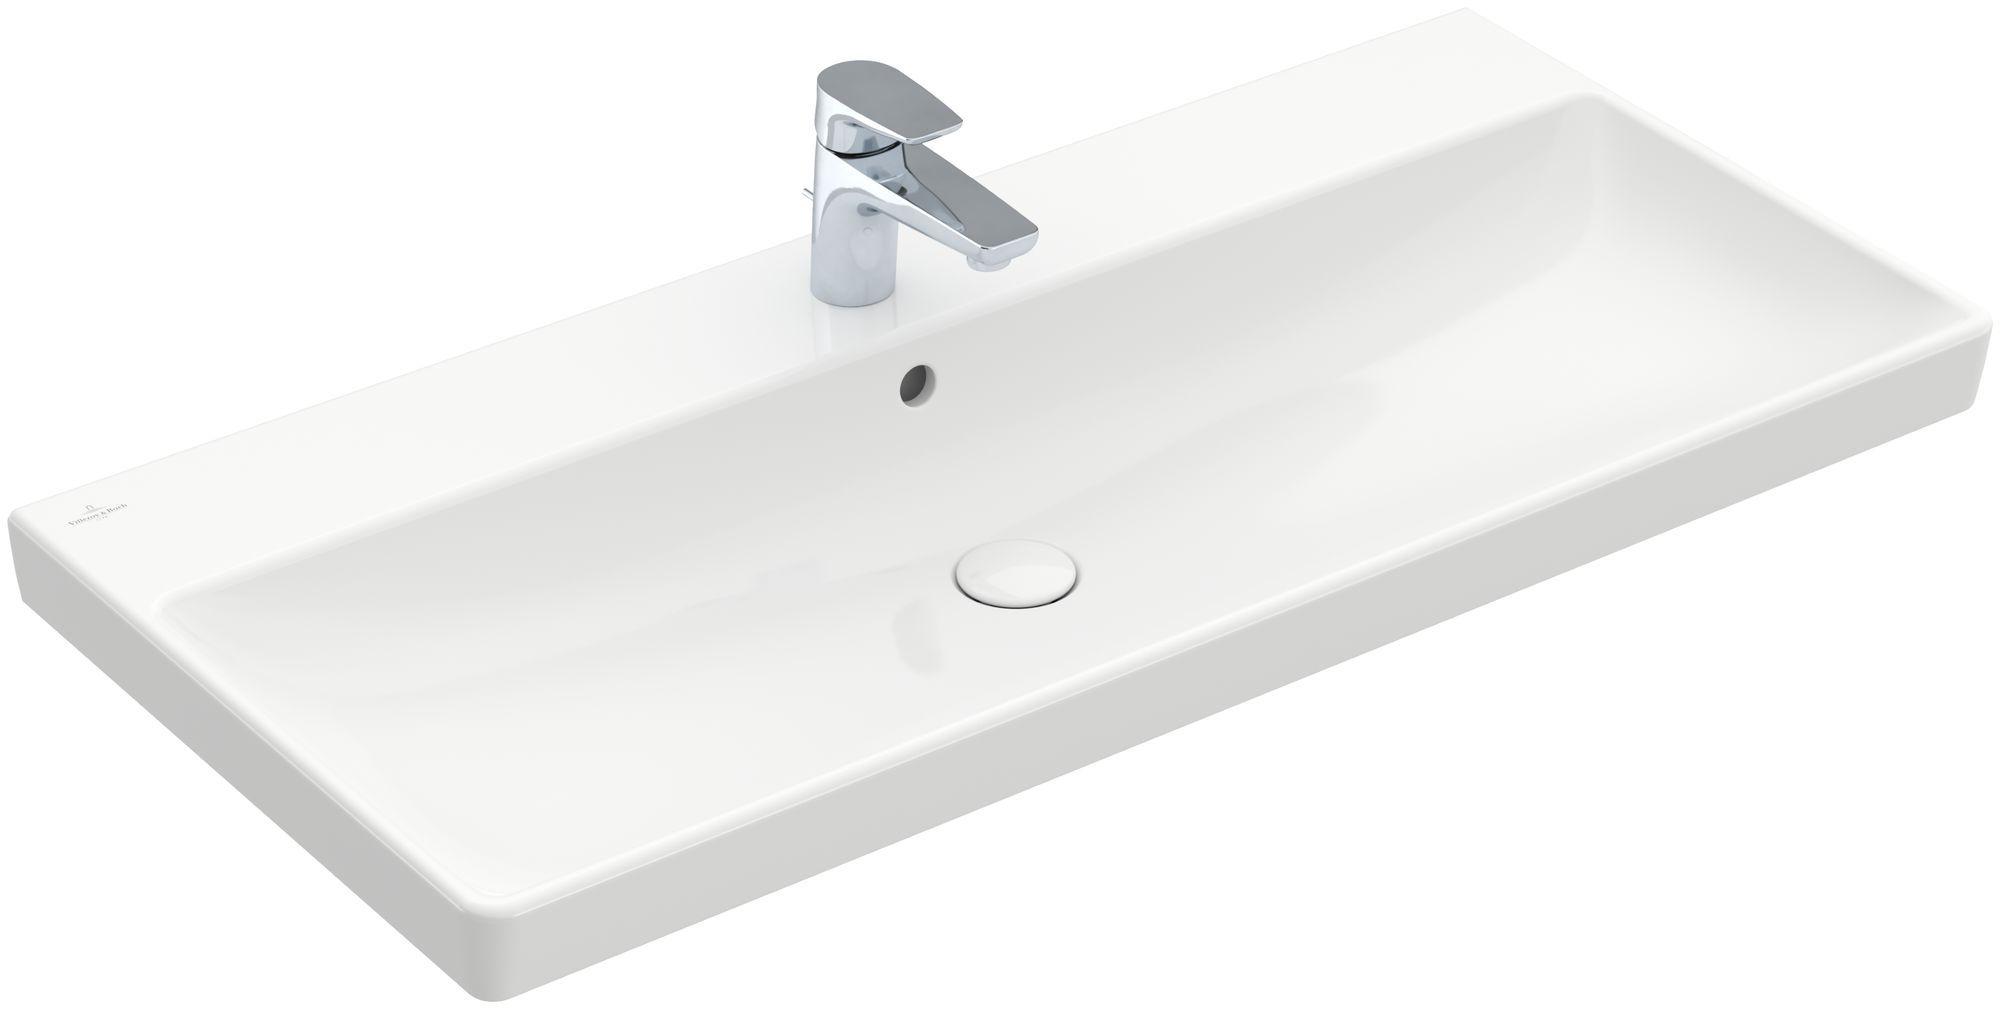 Villeroy & Boch Avento Waschtisch B:100xT:47cm 1 Hahnloch mit Überlauf weiß mit CeramicPlus 4156A5R1